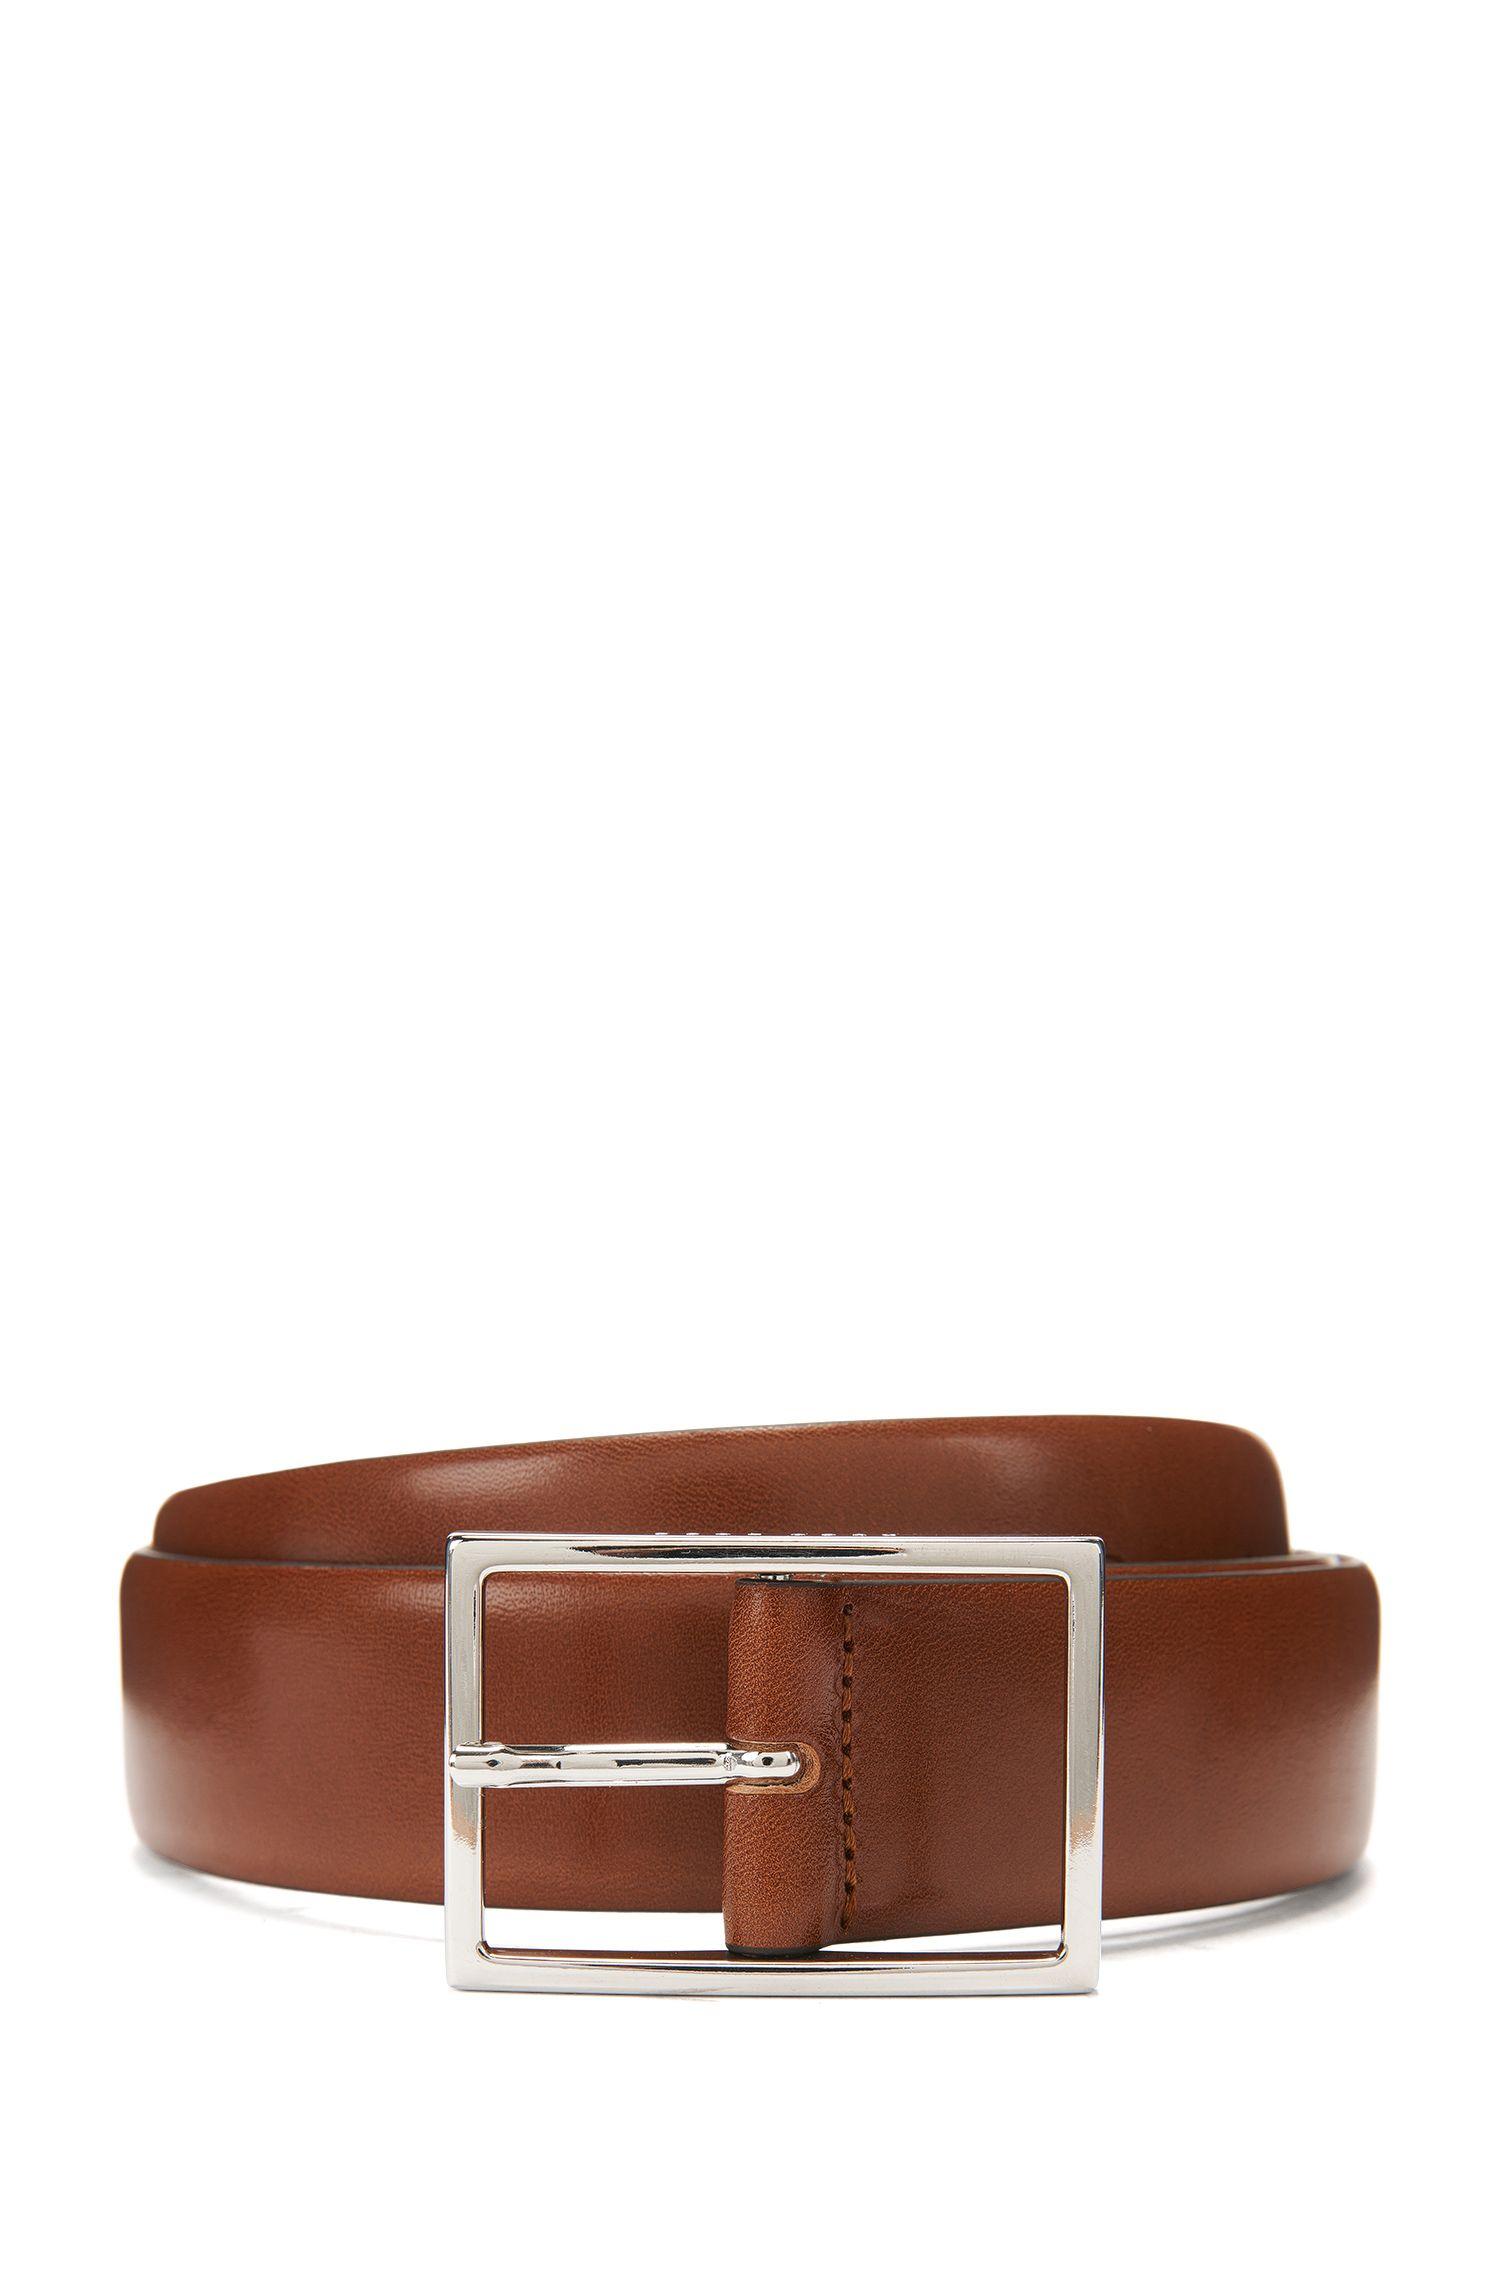 Leather Belt | Carmine